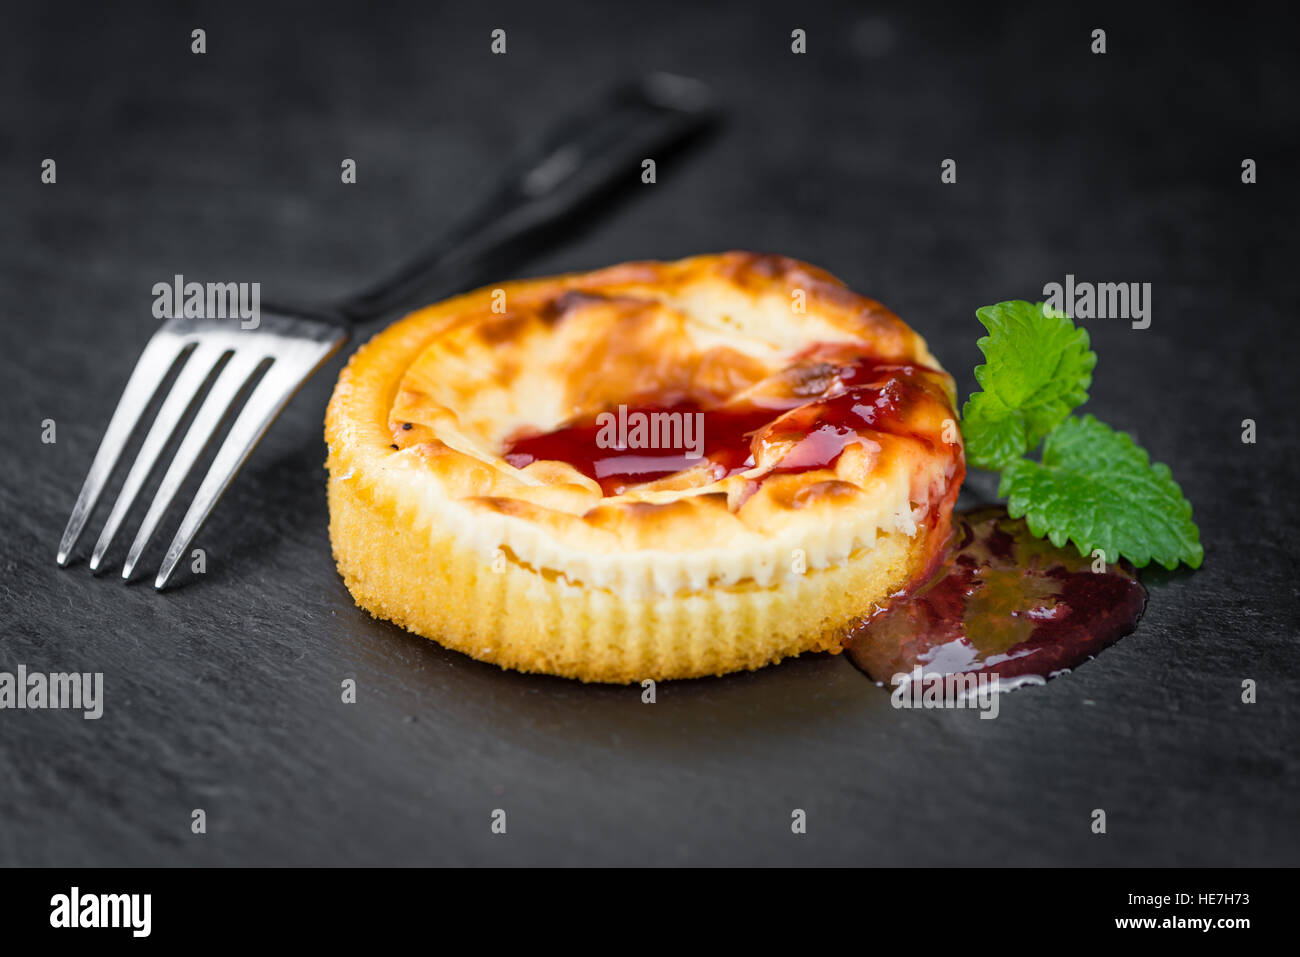 Fresche fatte Mini Cheesecake con salsa) su un sfondo vintage (close-up shot) Immagini Stock